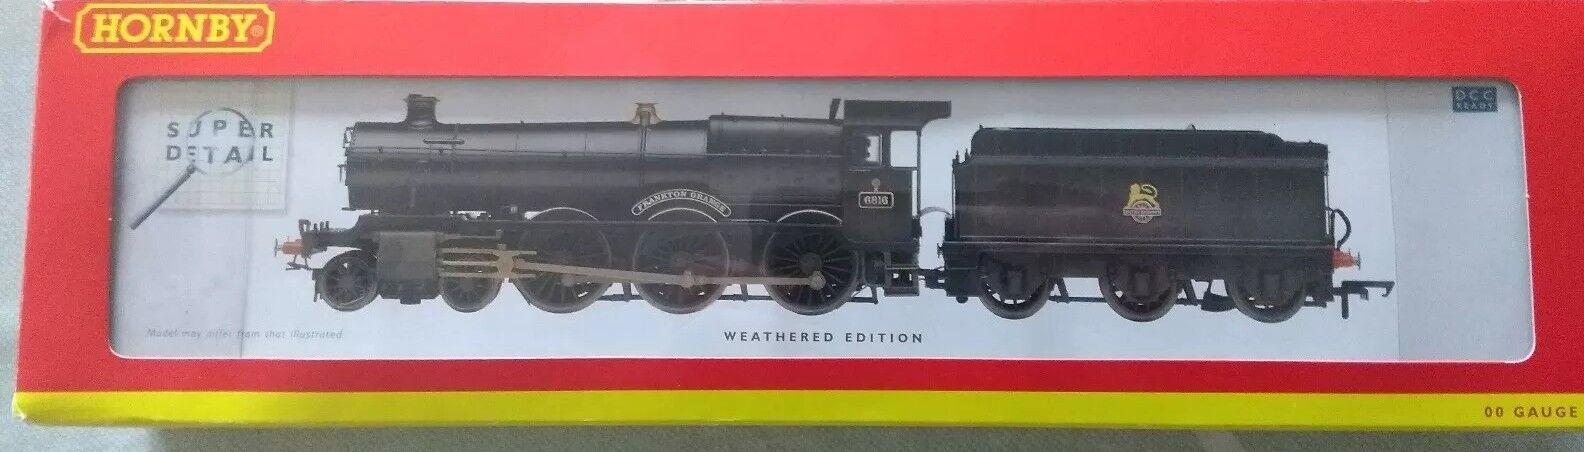 Hornby r3591 eisenbahn klasse 73  e6002 br grne oo -